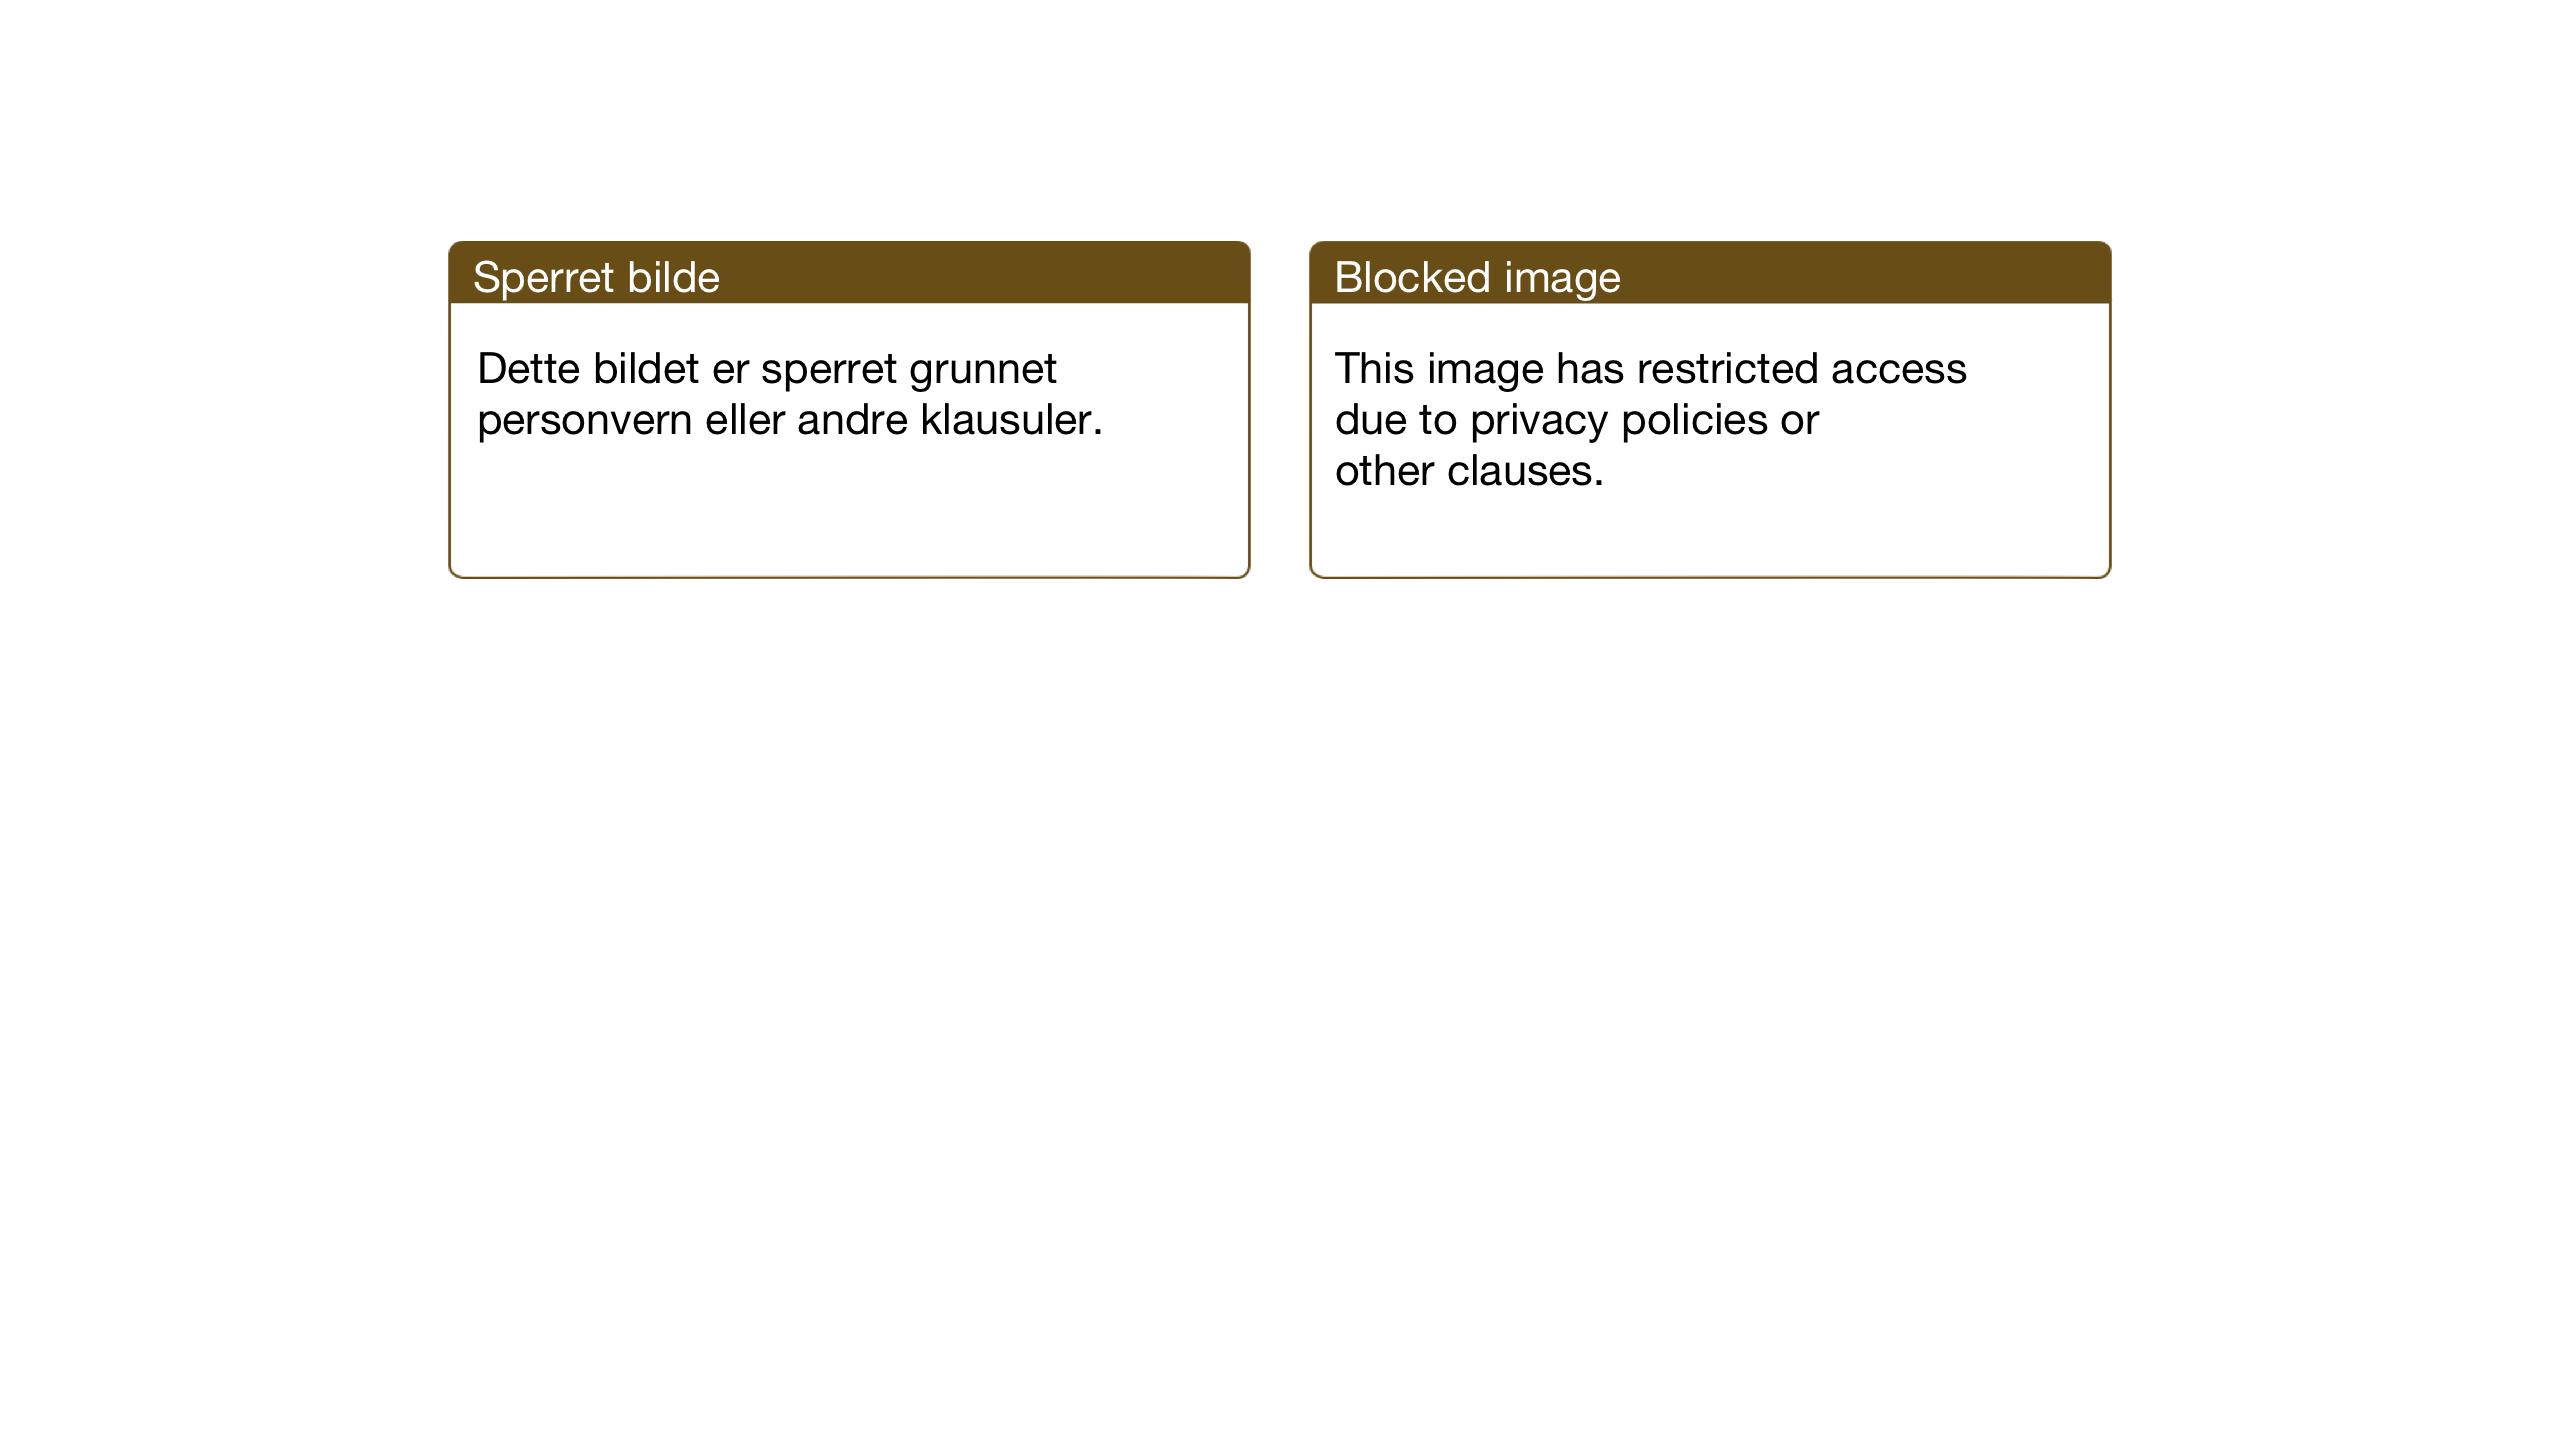 SAT, Ministerialprotokoller, klokkerbøker og fødselsregistre - Sør-Trøndelag, 682/L0947: Klokkerbok nr. 682C01, 1926-1968, s. 36